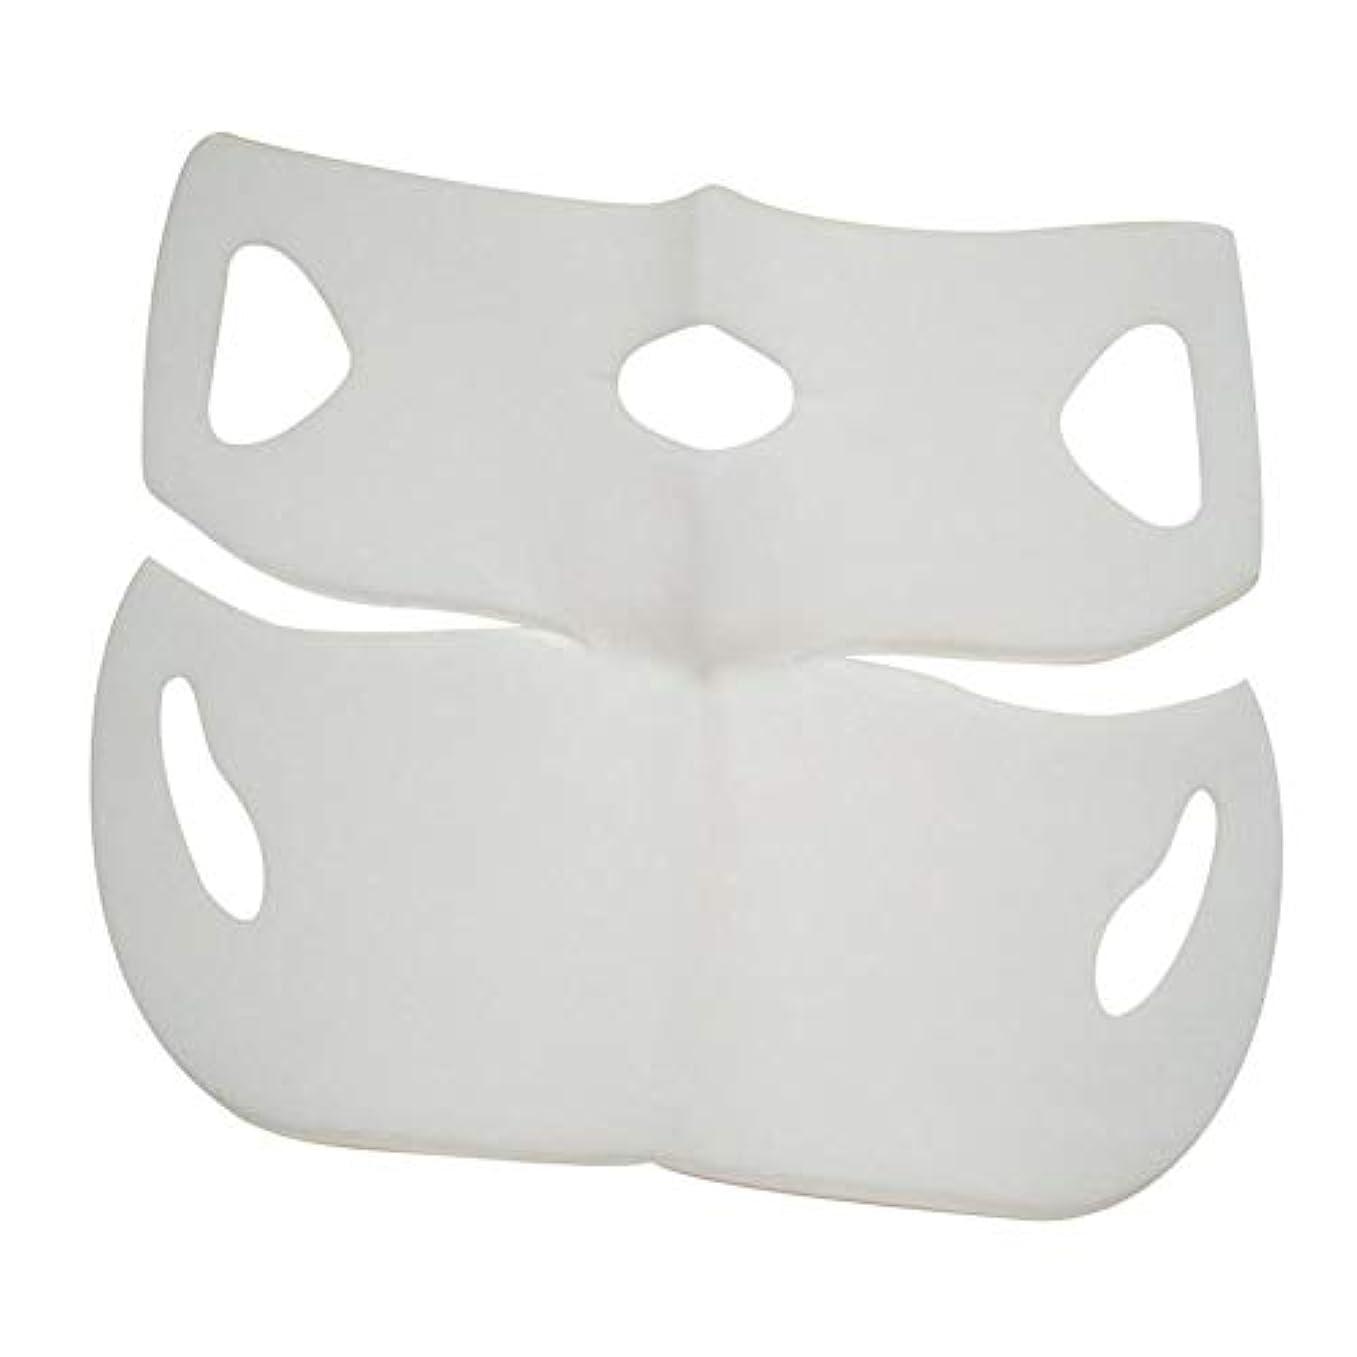 自伝現像押し下げるSILUN 最新型 4D Vフェイシャルマスク フェイスマスク 小顔 マスク フェイスラインベルト 美顔 顔痩せ 肌ケア 保湿 毛細血管収縮 睡眠マスク